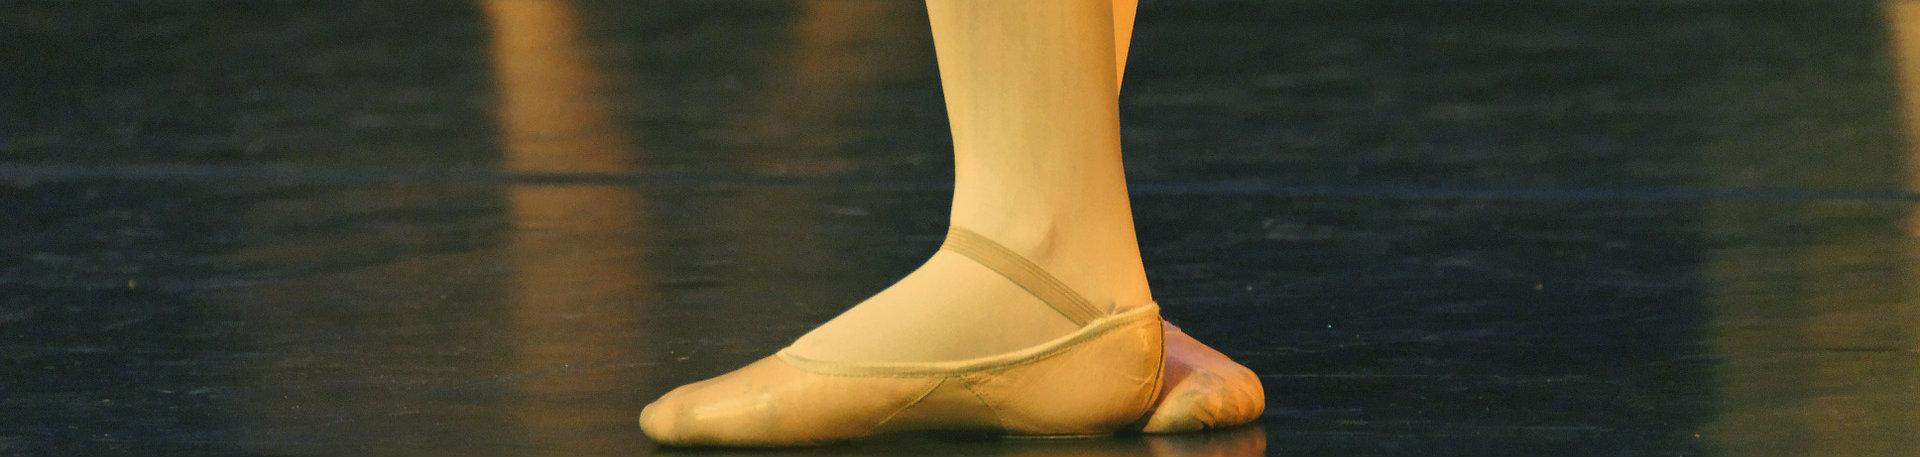 danse-classique-3